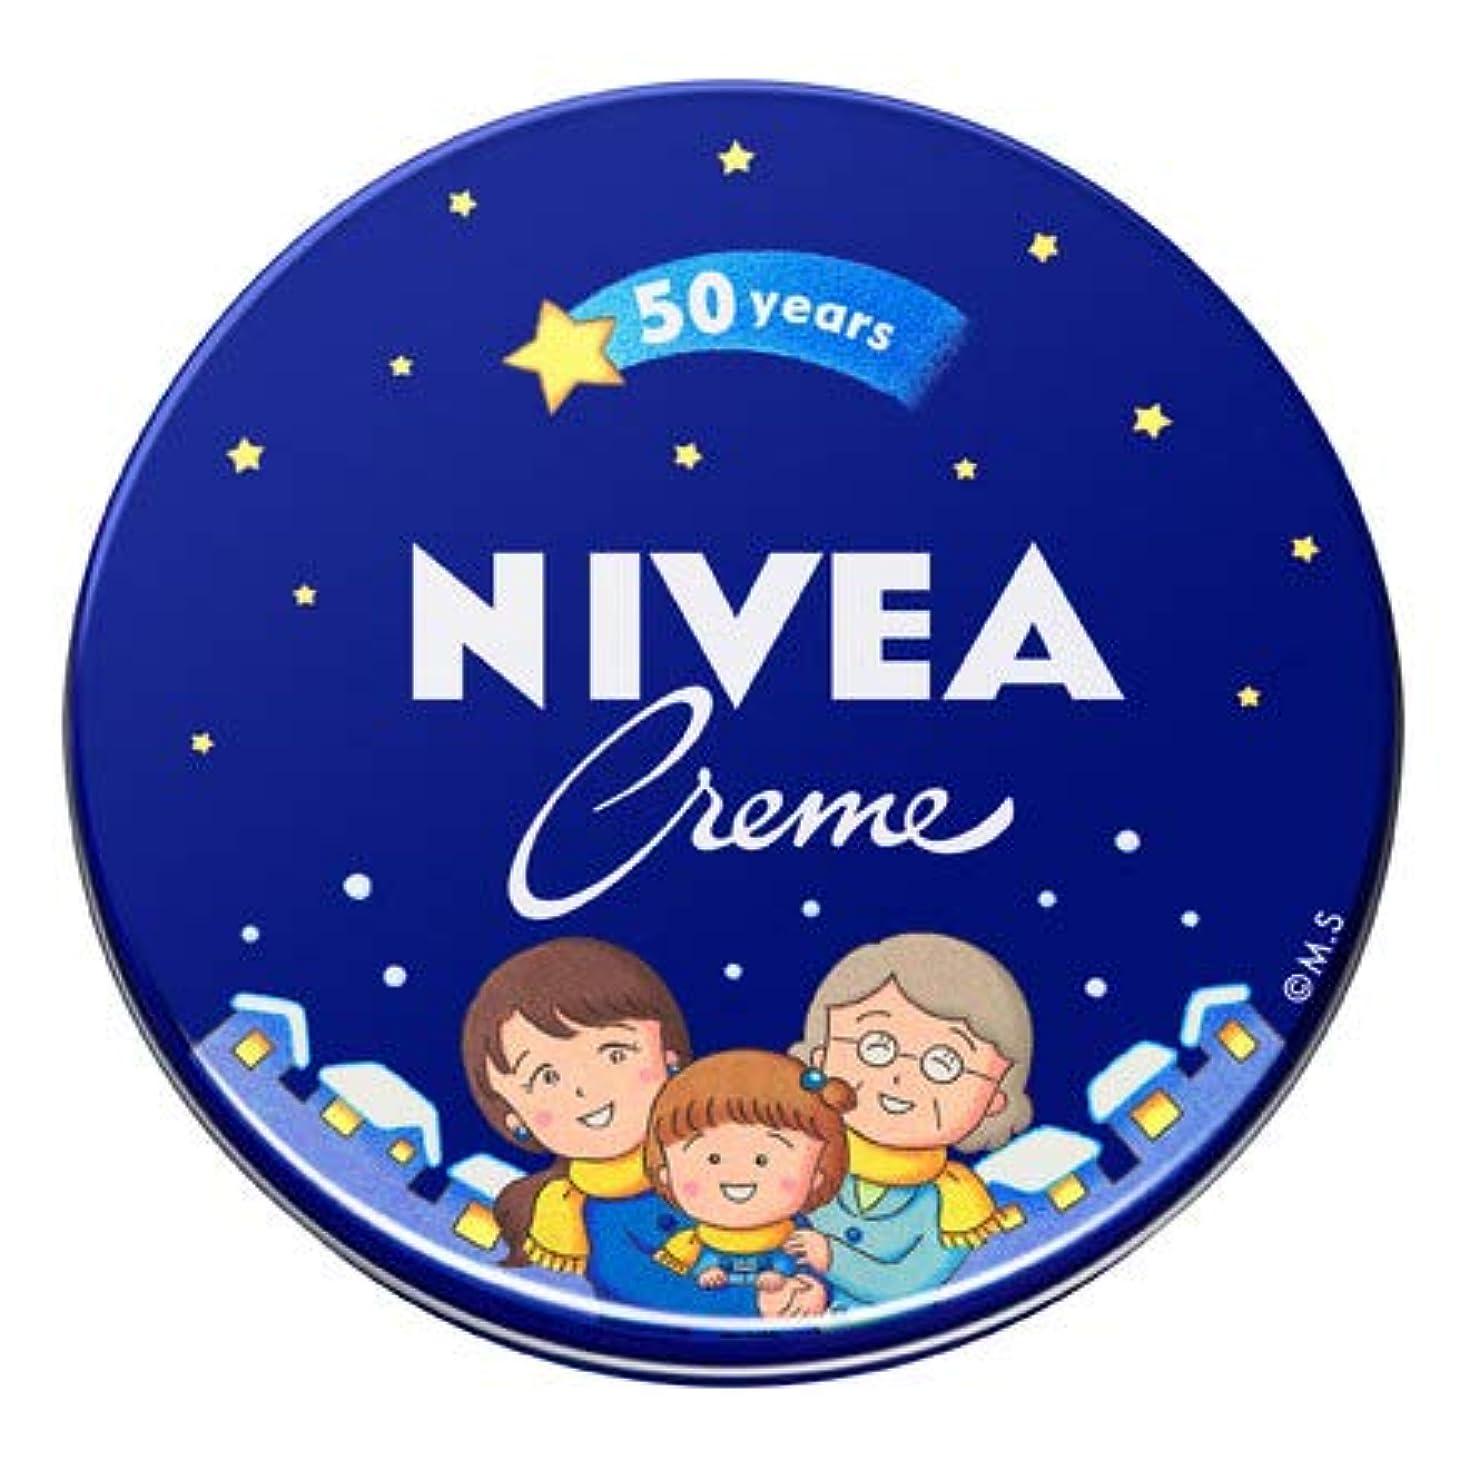 視聴者気になる糞NIVEA ニベアクリーム 中缶 56g さくらももこ限定デザイン